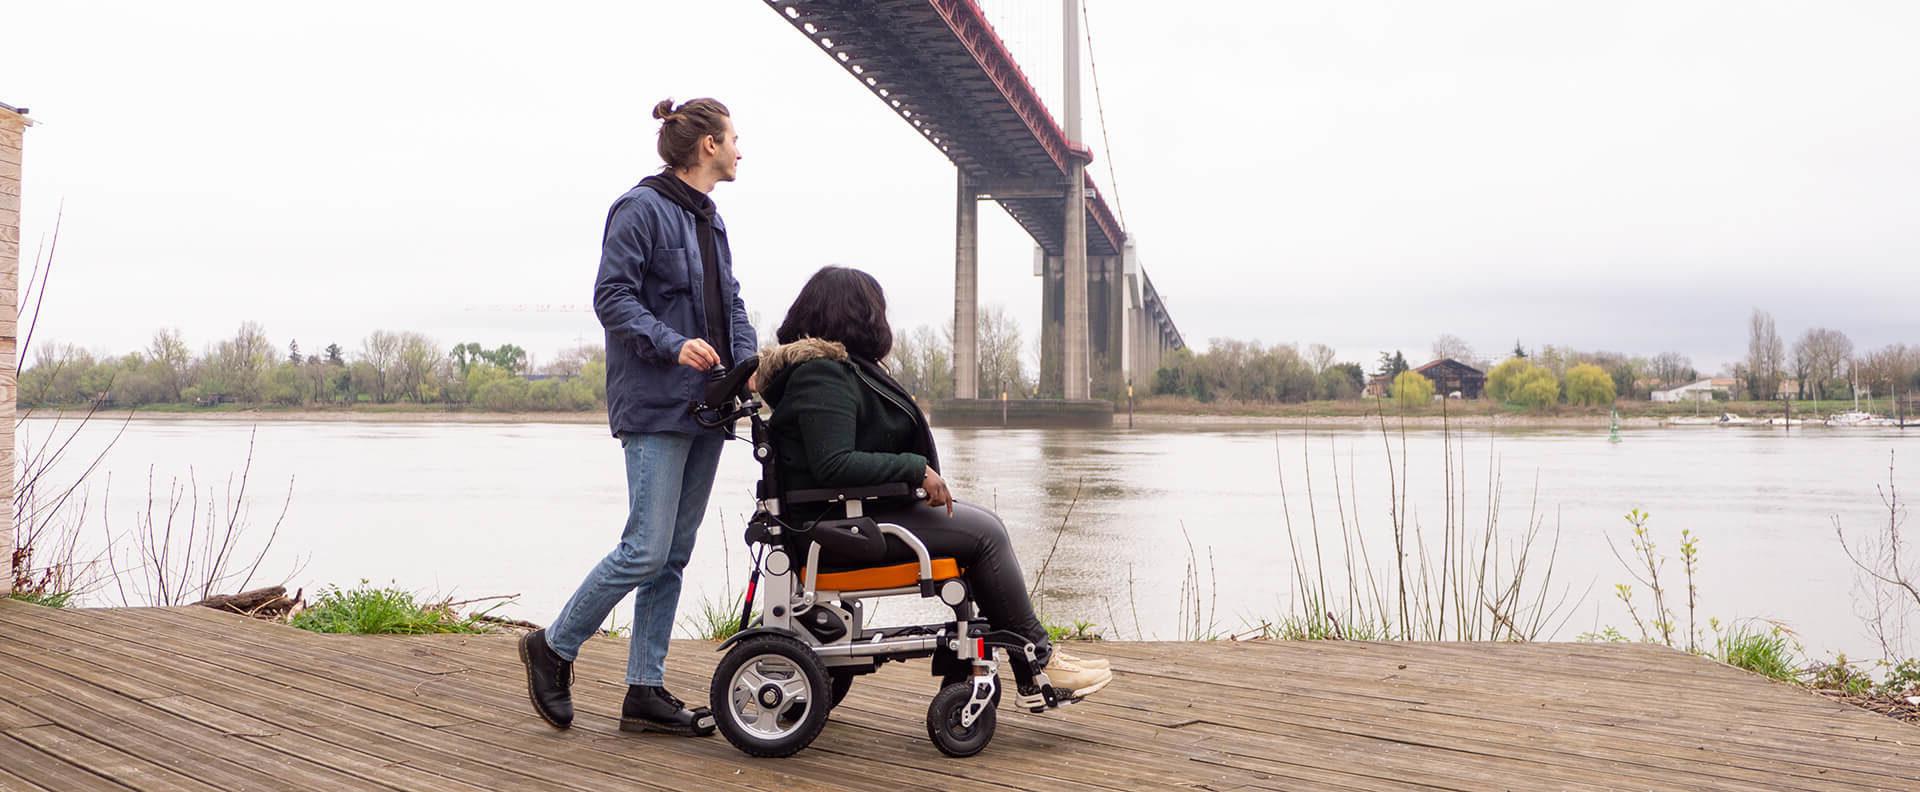 Découvrez les fauteuils roulants électriques SmartChair